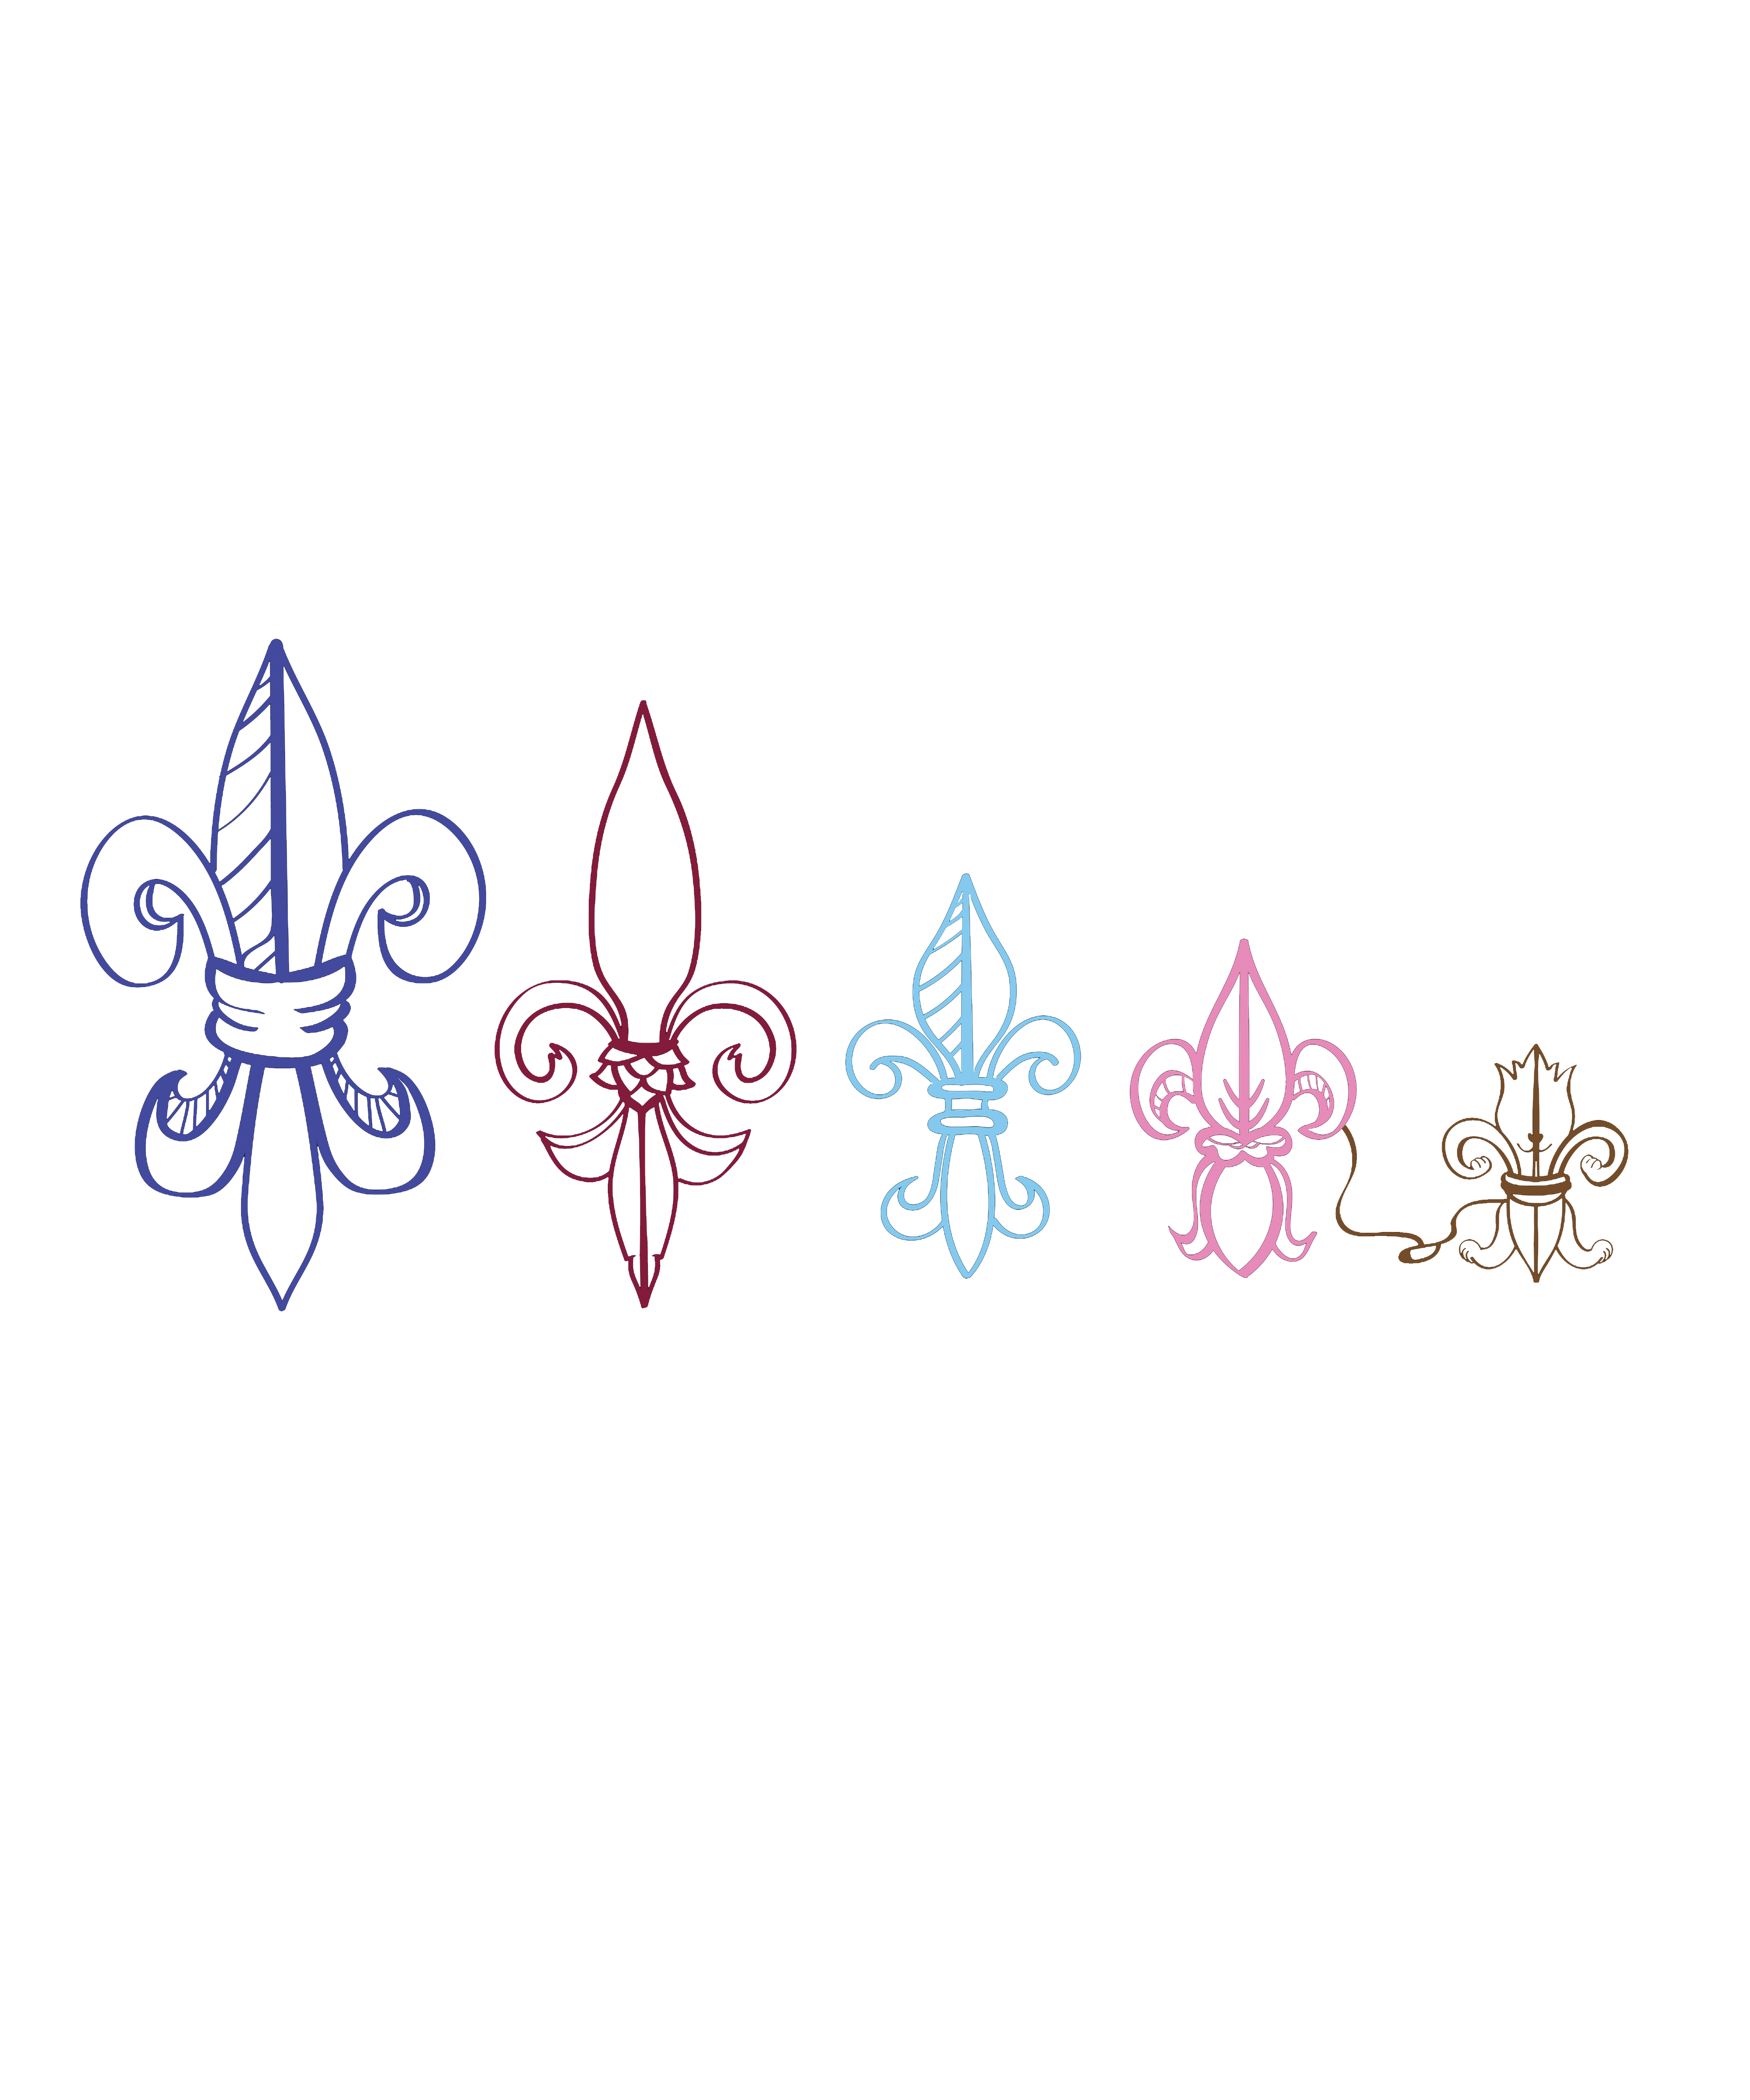 Louisiana clipart fleur. De lis family artwork